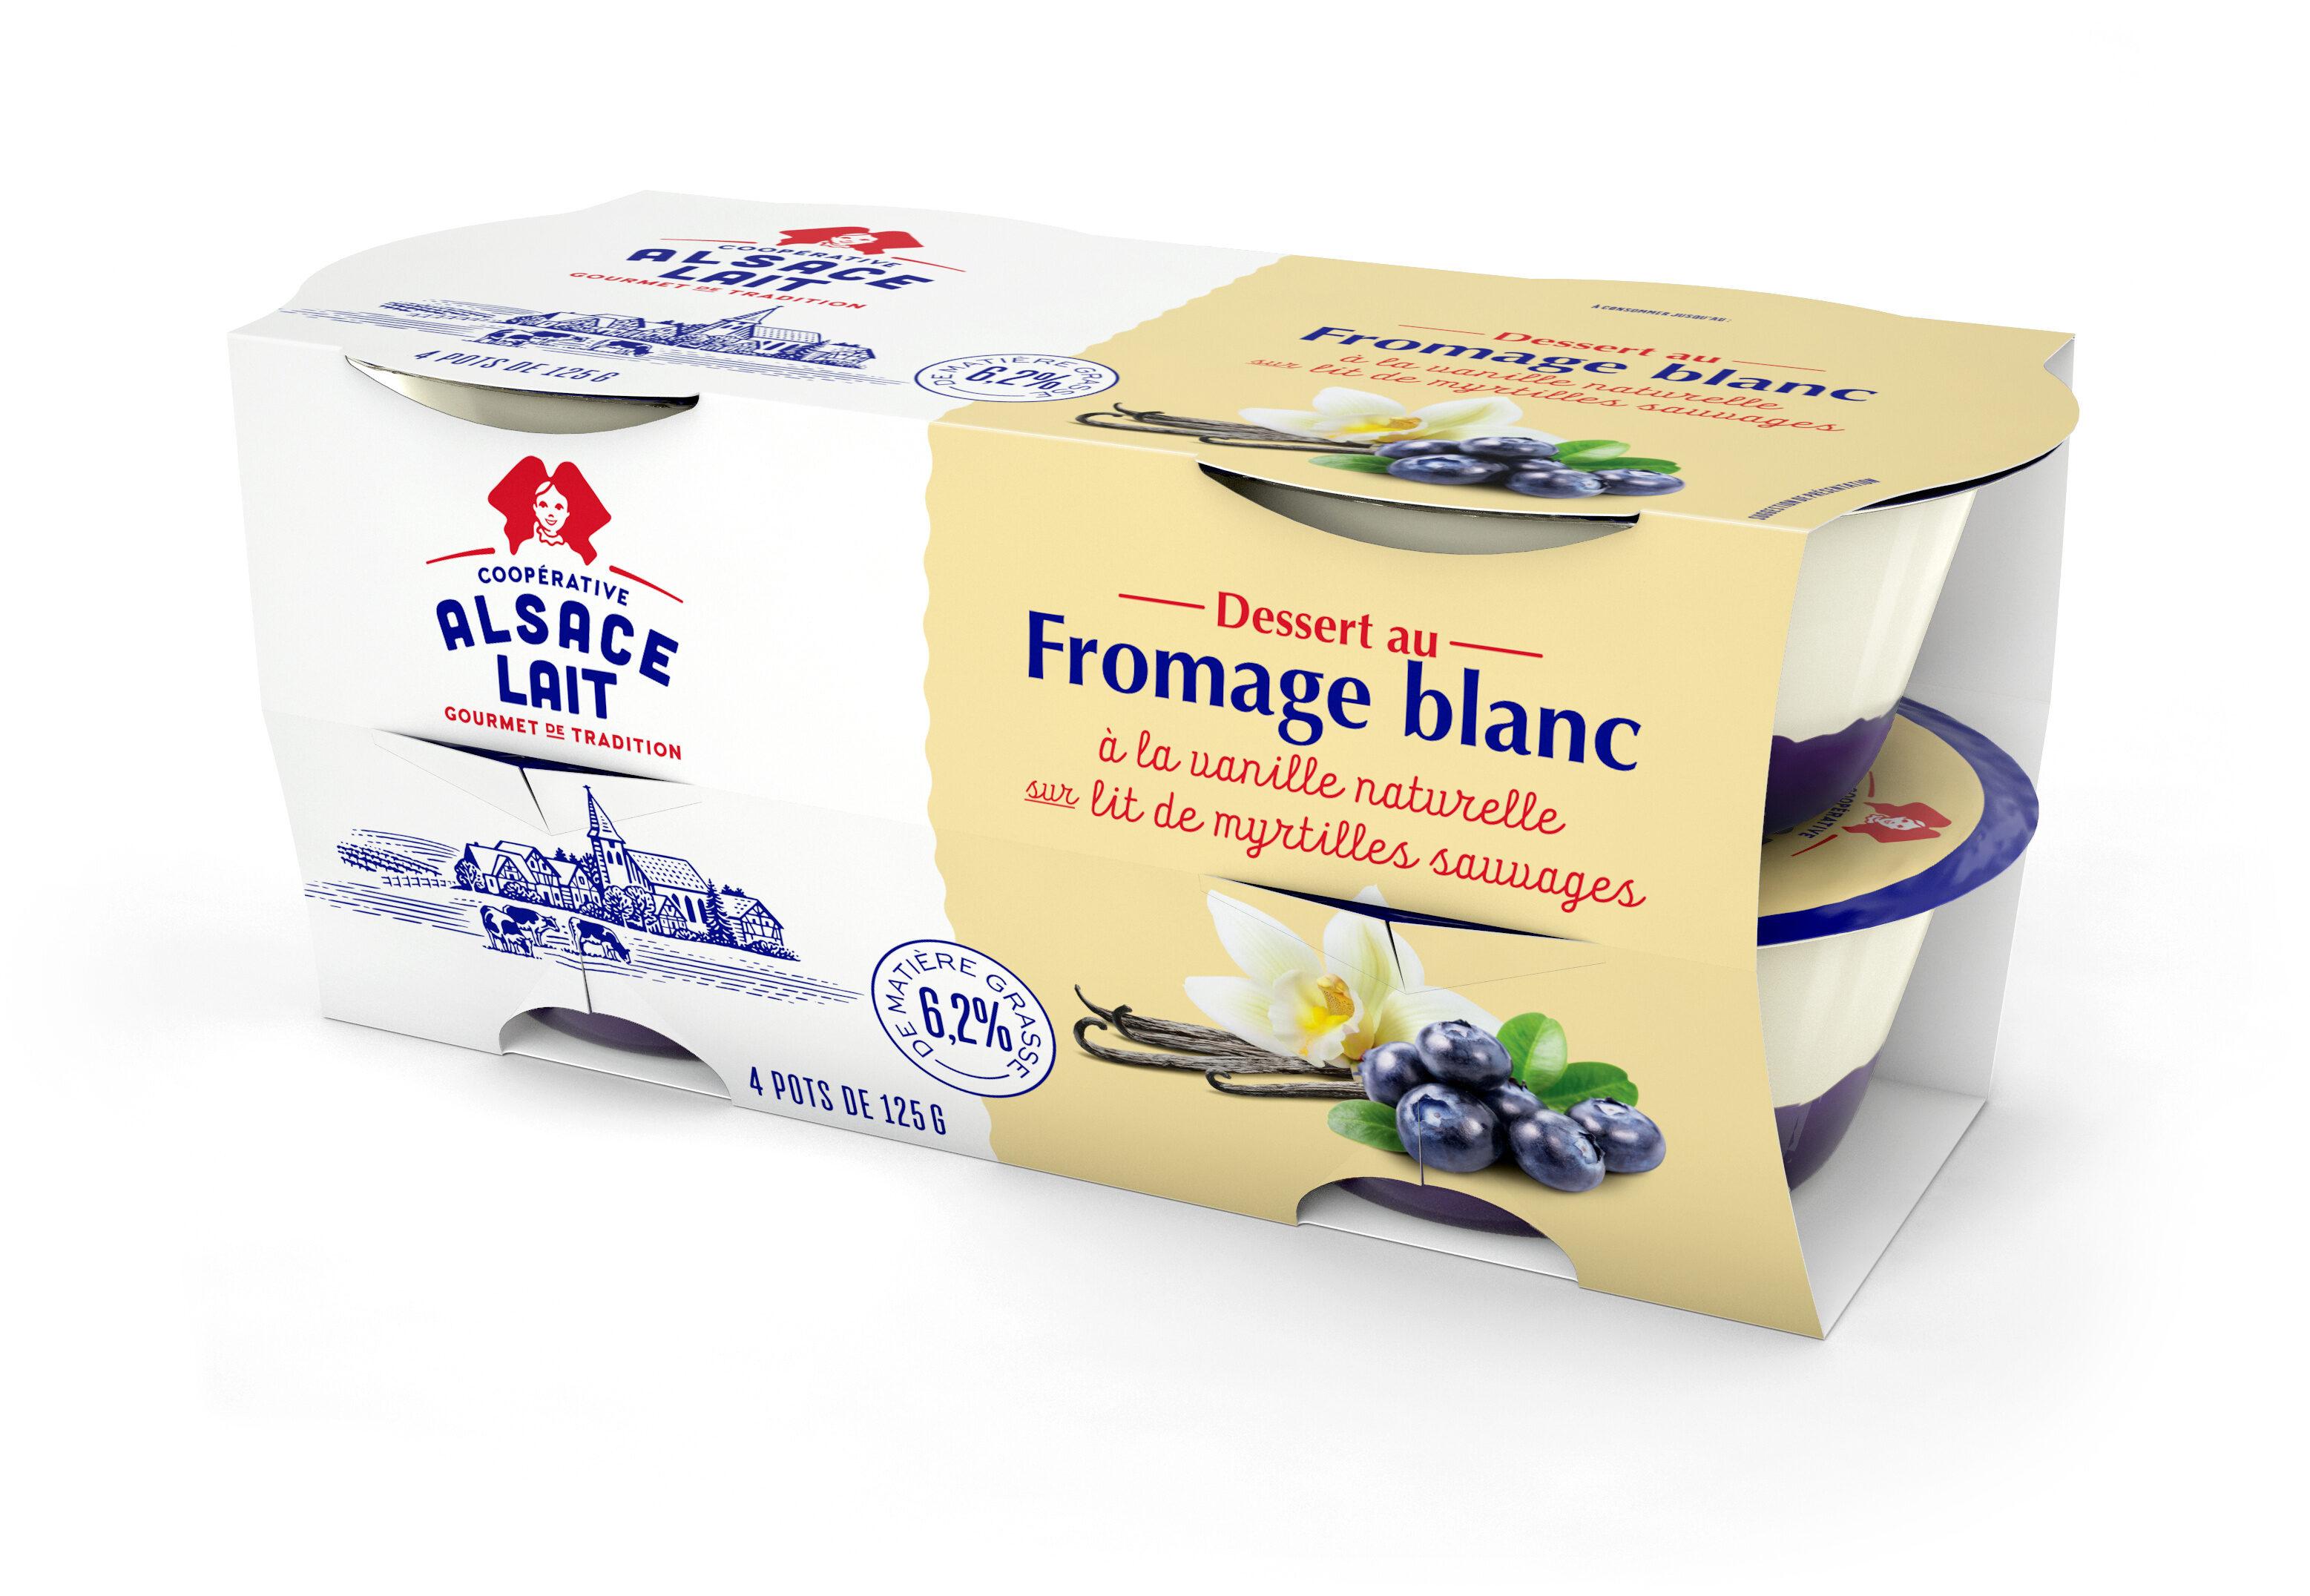 Dessert Au Fromage Blanc à la vanille naturelle sur Lit de myrtilles sauvages - Product - fr